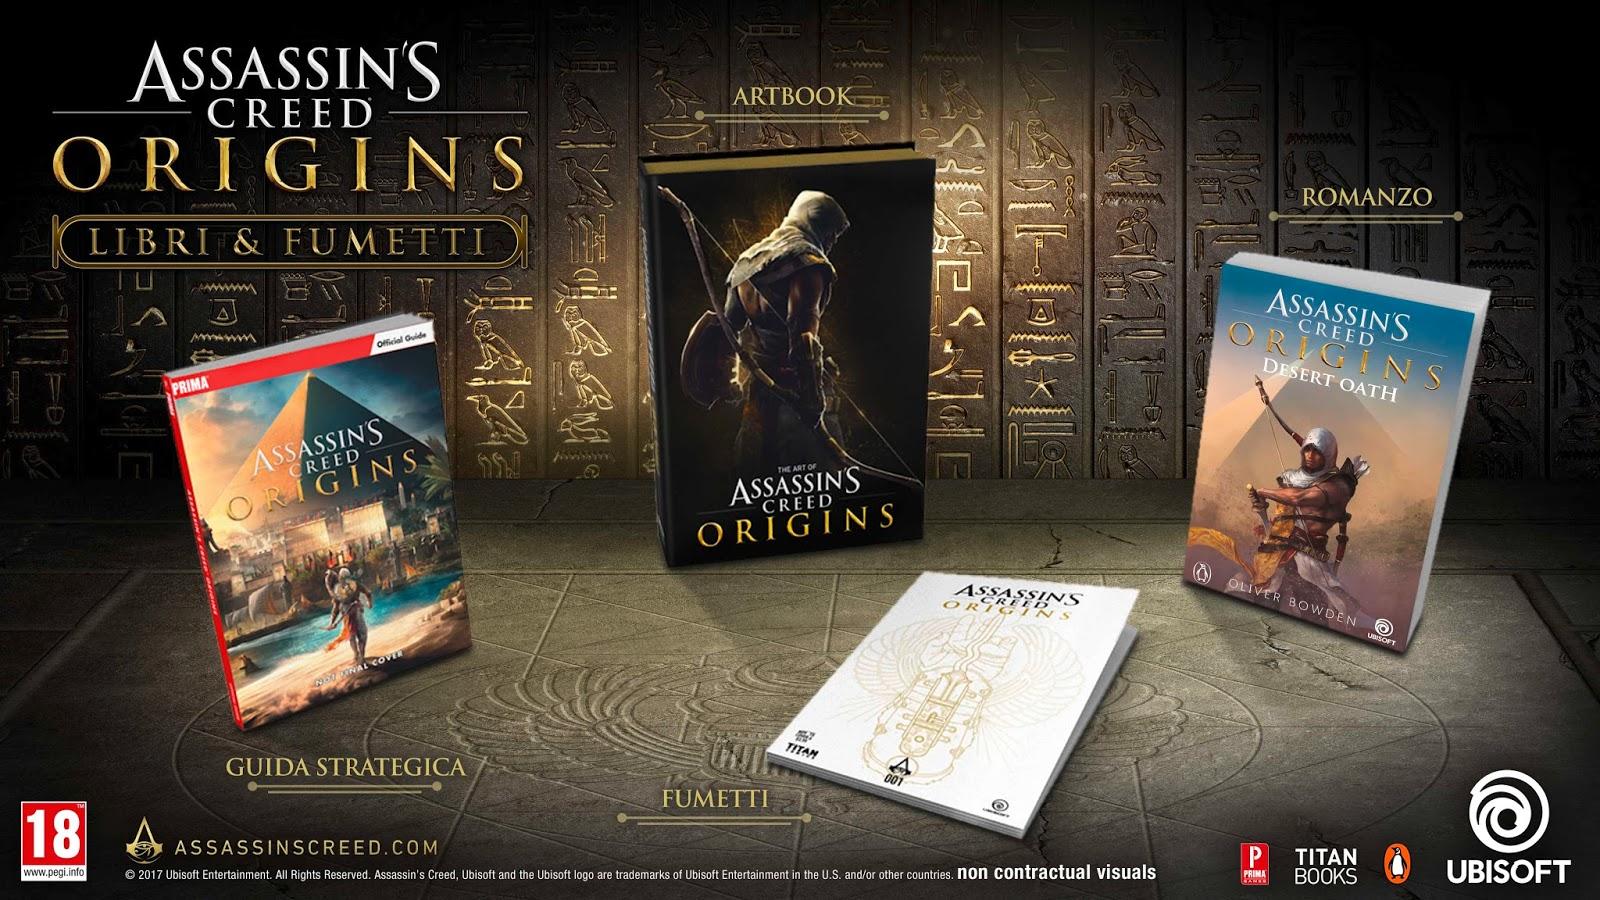 Assassin's Creed Origins tendrá cómics, novela, guía y libro de arte